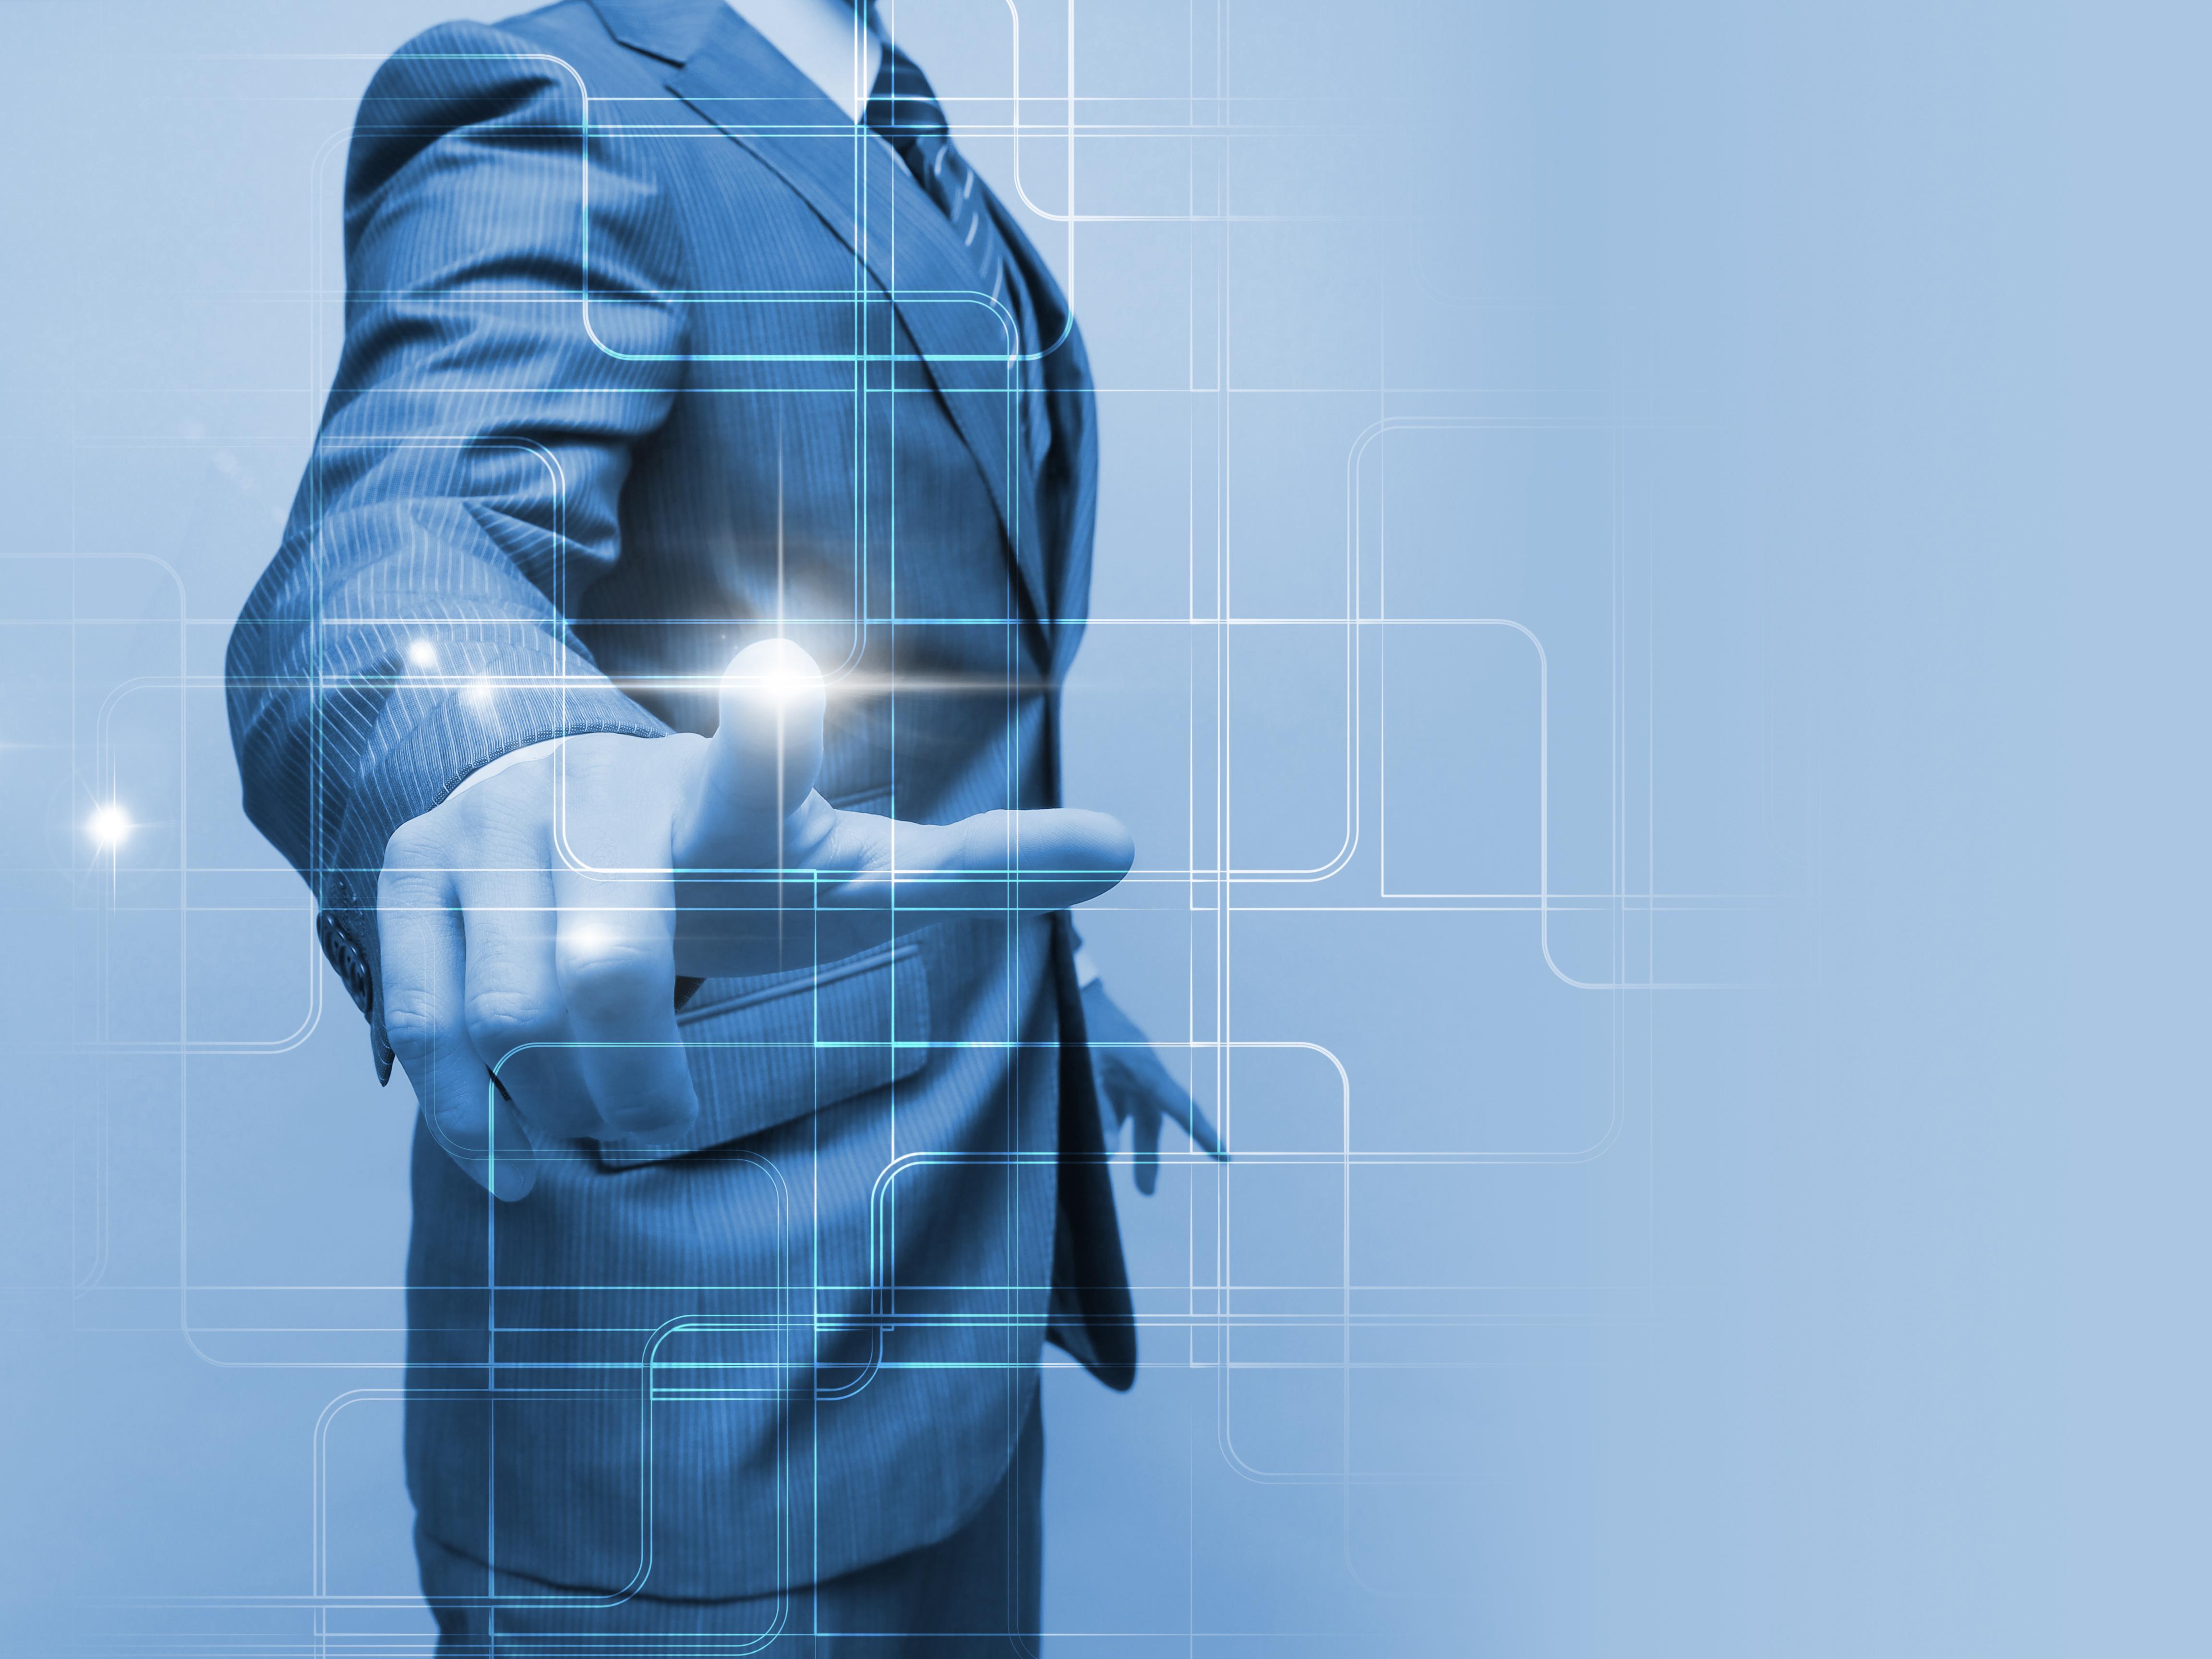 [中小企業経営者が、自社に合うコンサルタントを選び、上手に活用するためには]トップ画像